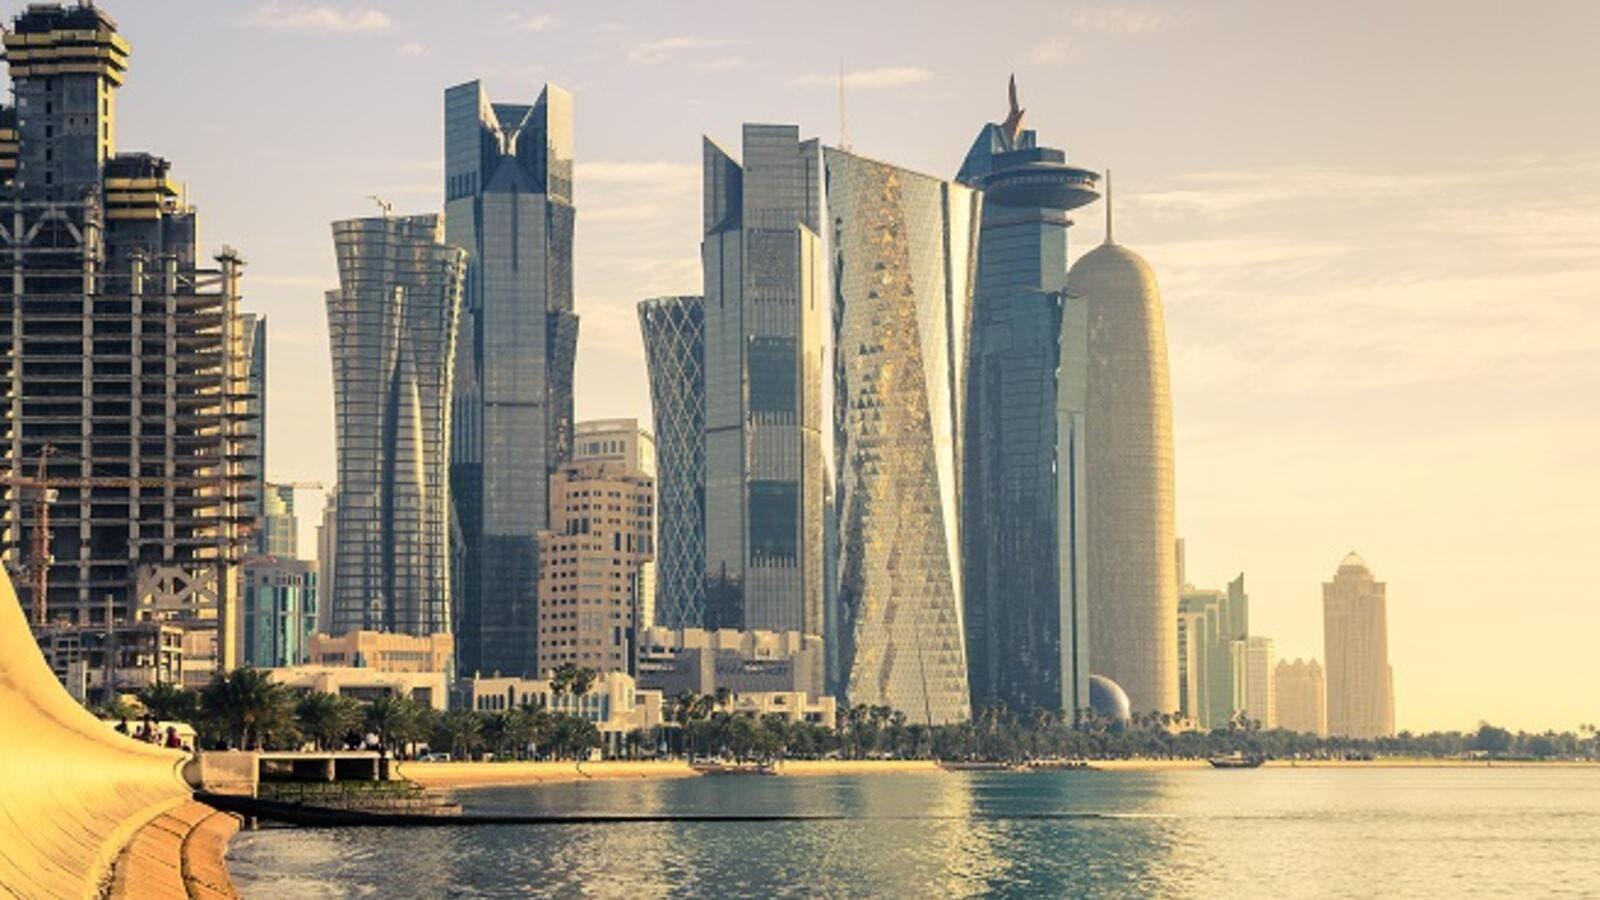 Report: Qatar's Economy to Grow 3 Percent Despite Economic